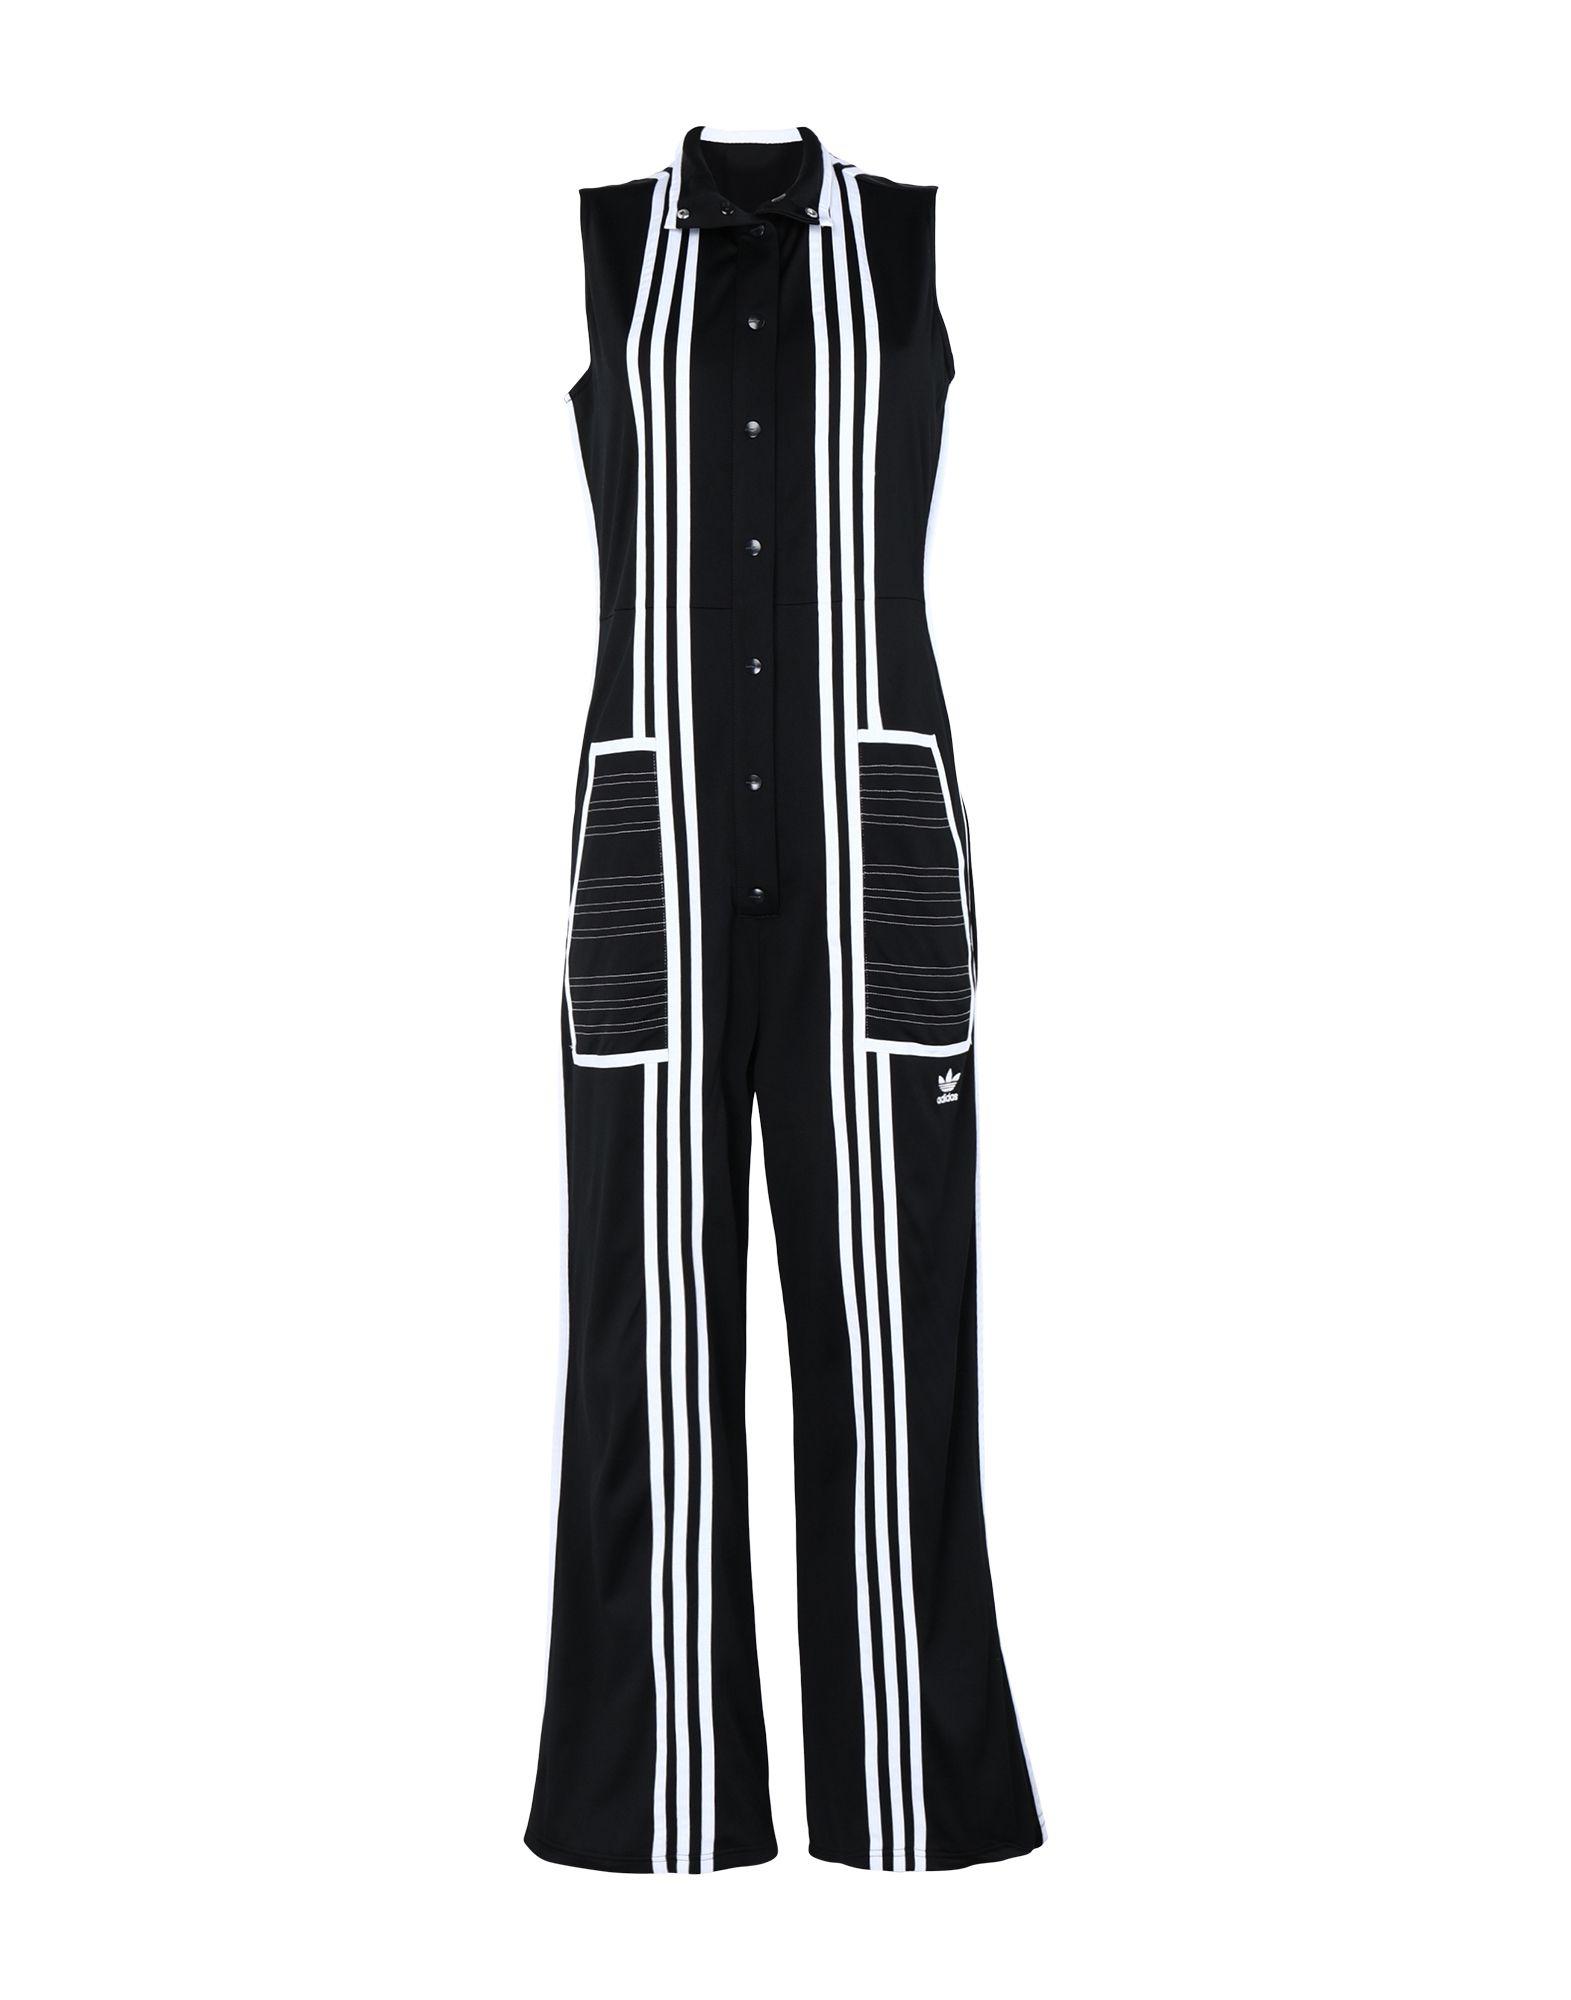 《期間限定 セール開催中》ADIDAS ORIGINALS x JI WON CHOI レディース ジャンプスーツ ブラック 34 リサイクルポリエステル 100% JUMPSUIT